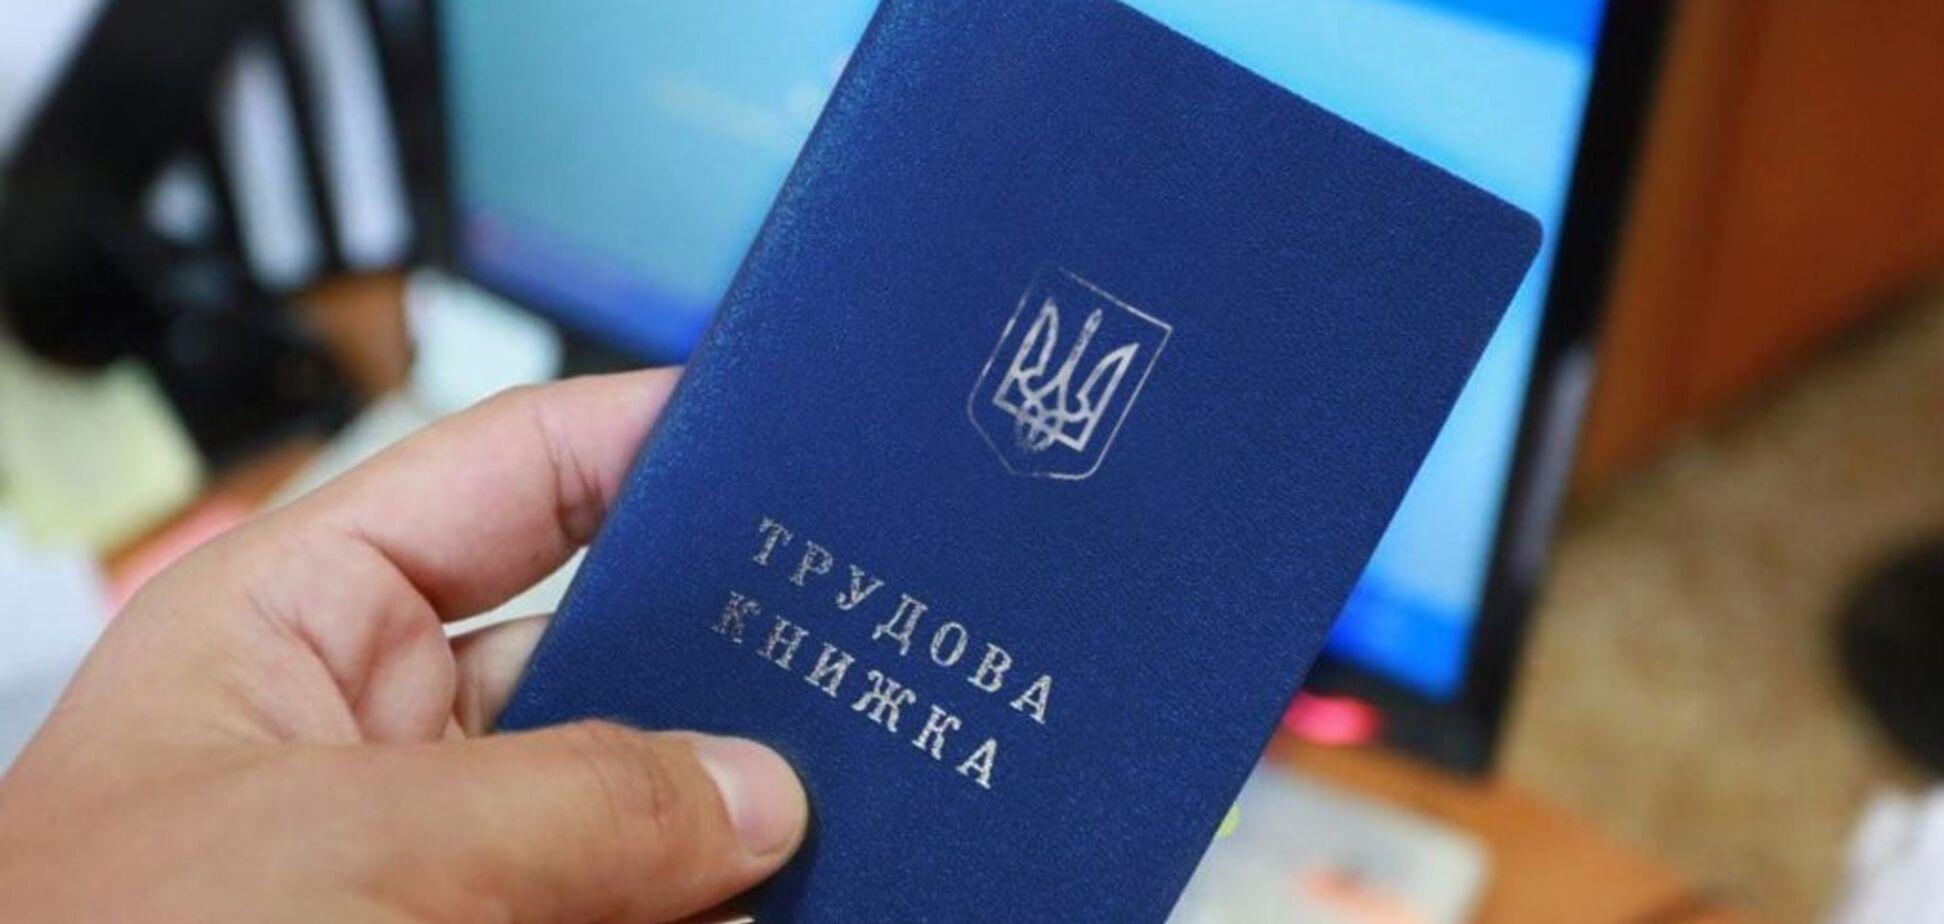 Как будуть увольнять по новым правилам: Милованов опроверг страшилку